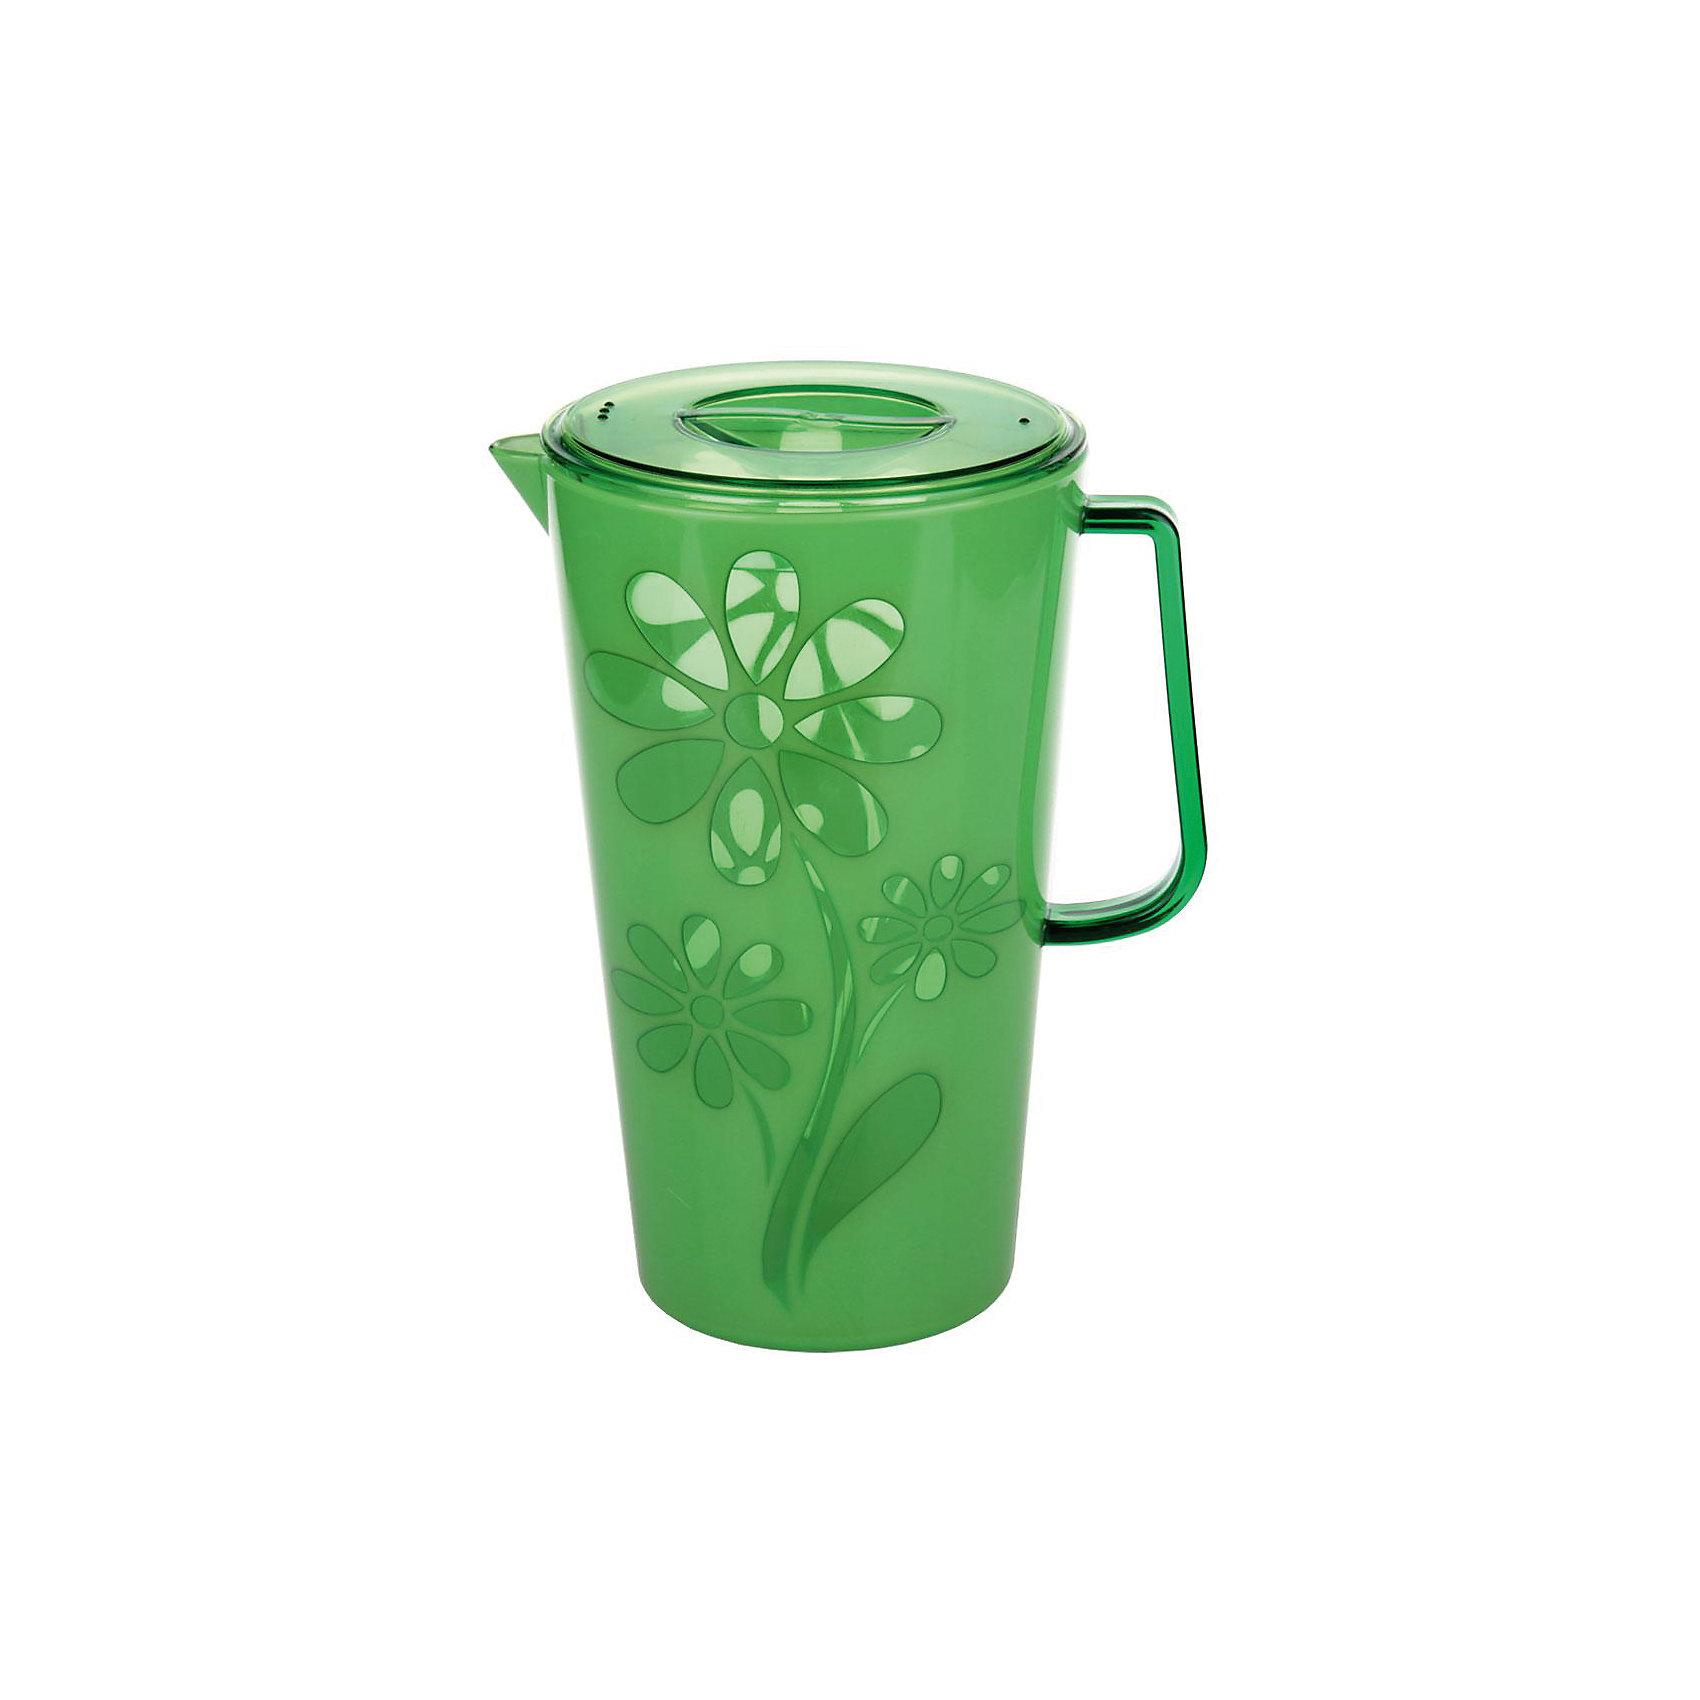 Кувшин Соблазн 2,5л. с крышкой , Alternativa, зелёныйПосуда<br>Кувшин Соблазн 2,5л с крышкой , Alternativa, зелёный предназначен для различных напитков. Он имеет удобную форму ручки и специальный носик, для слива жидкости. Крышка не позволит жидкости разлиться. Яркий цвет с дизайном цветка станет украшением для вашей кухни.<br><br>Дополнительная информация:<br> -Объём: 2,5 л<br> -Цвет: зелёный<br> -Марка: Alternativa<br><br>Кувшин Соблазн 2,5л с крышкой , Alternativa, зелёный вы можете приобрести в нашем интернет-магазине.<br><br>Ширина мм: 145<br>Глубина мм: 195<br>Высота мм: 240<br>Вес г: 506<br>Возраст от месяцев: 6<br>Возраст до месяцев: 588<br>Пол: Унисекс<br>Возраст: Детский<br>SKU: 5096641